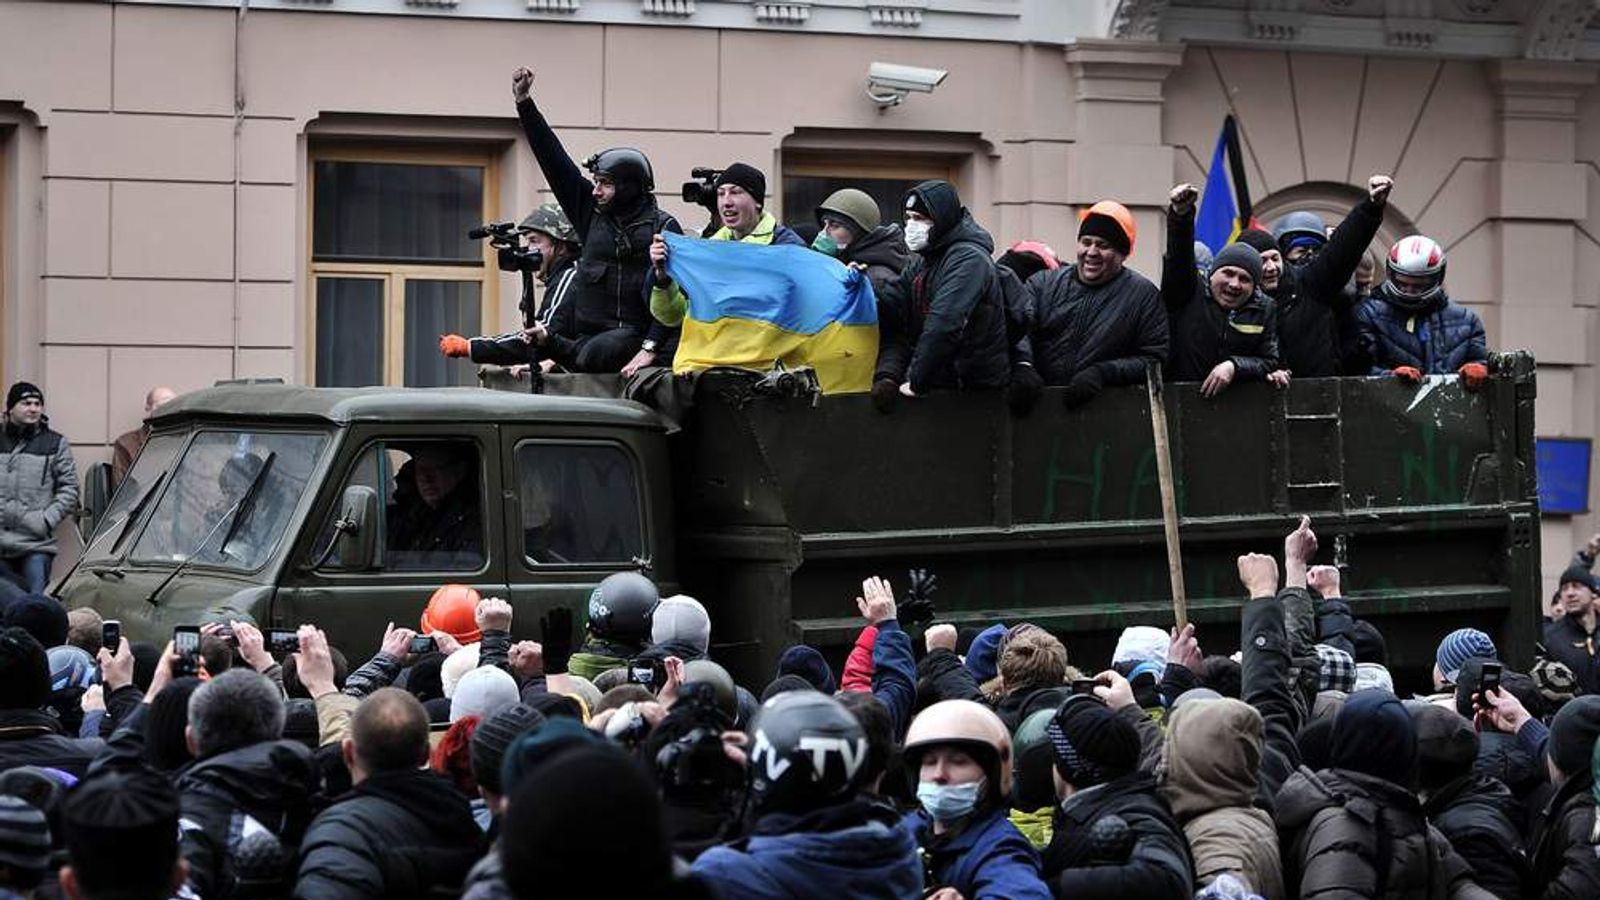 UKRAINE-POLITICS-UNREST